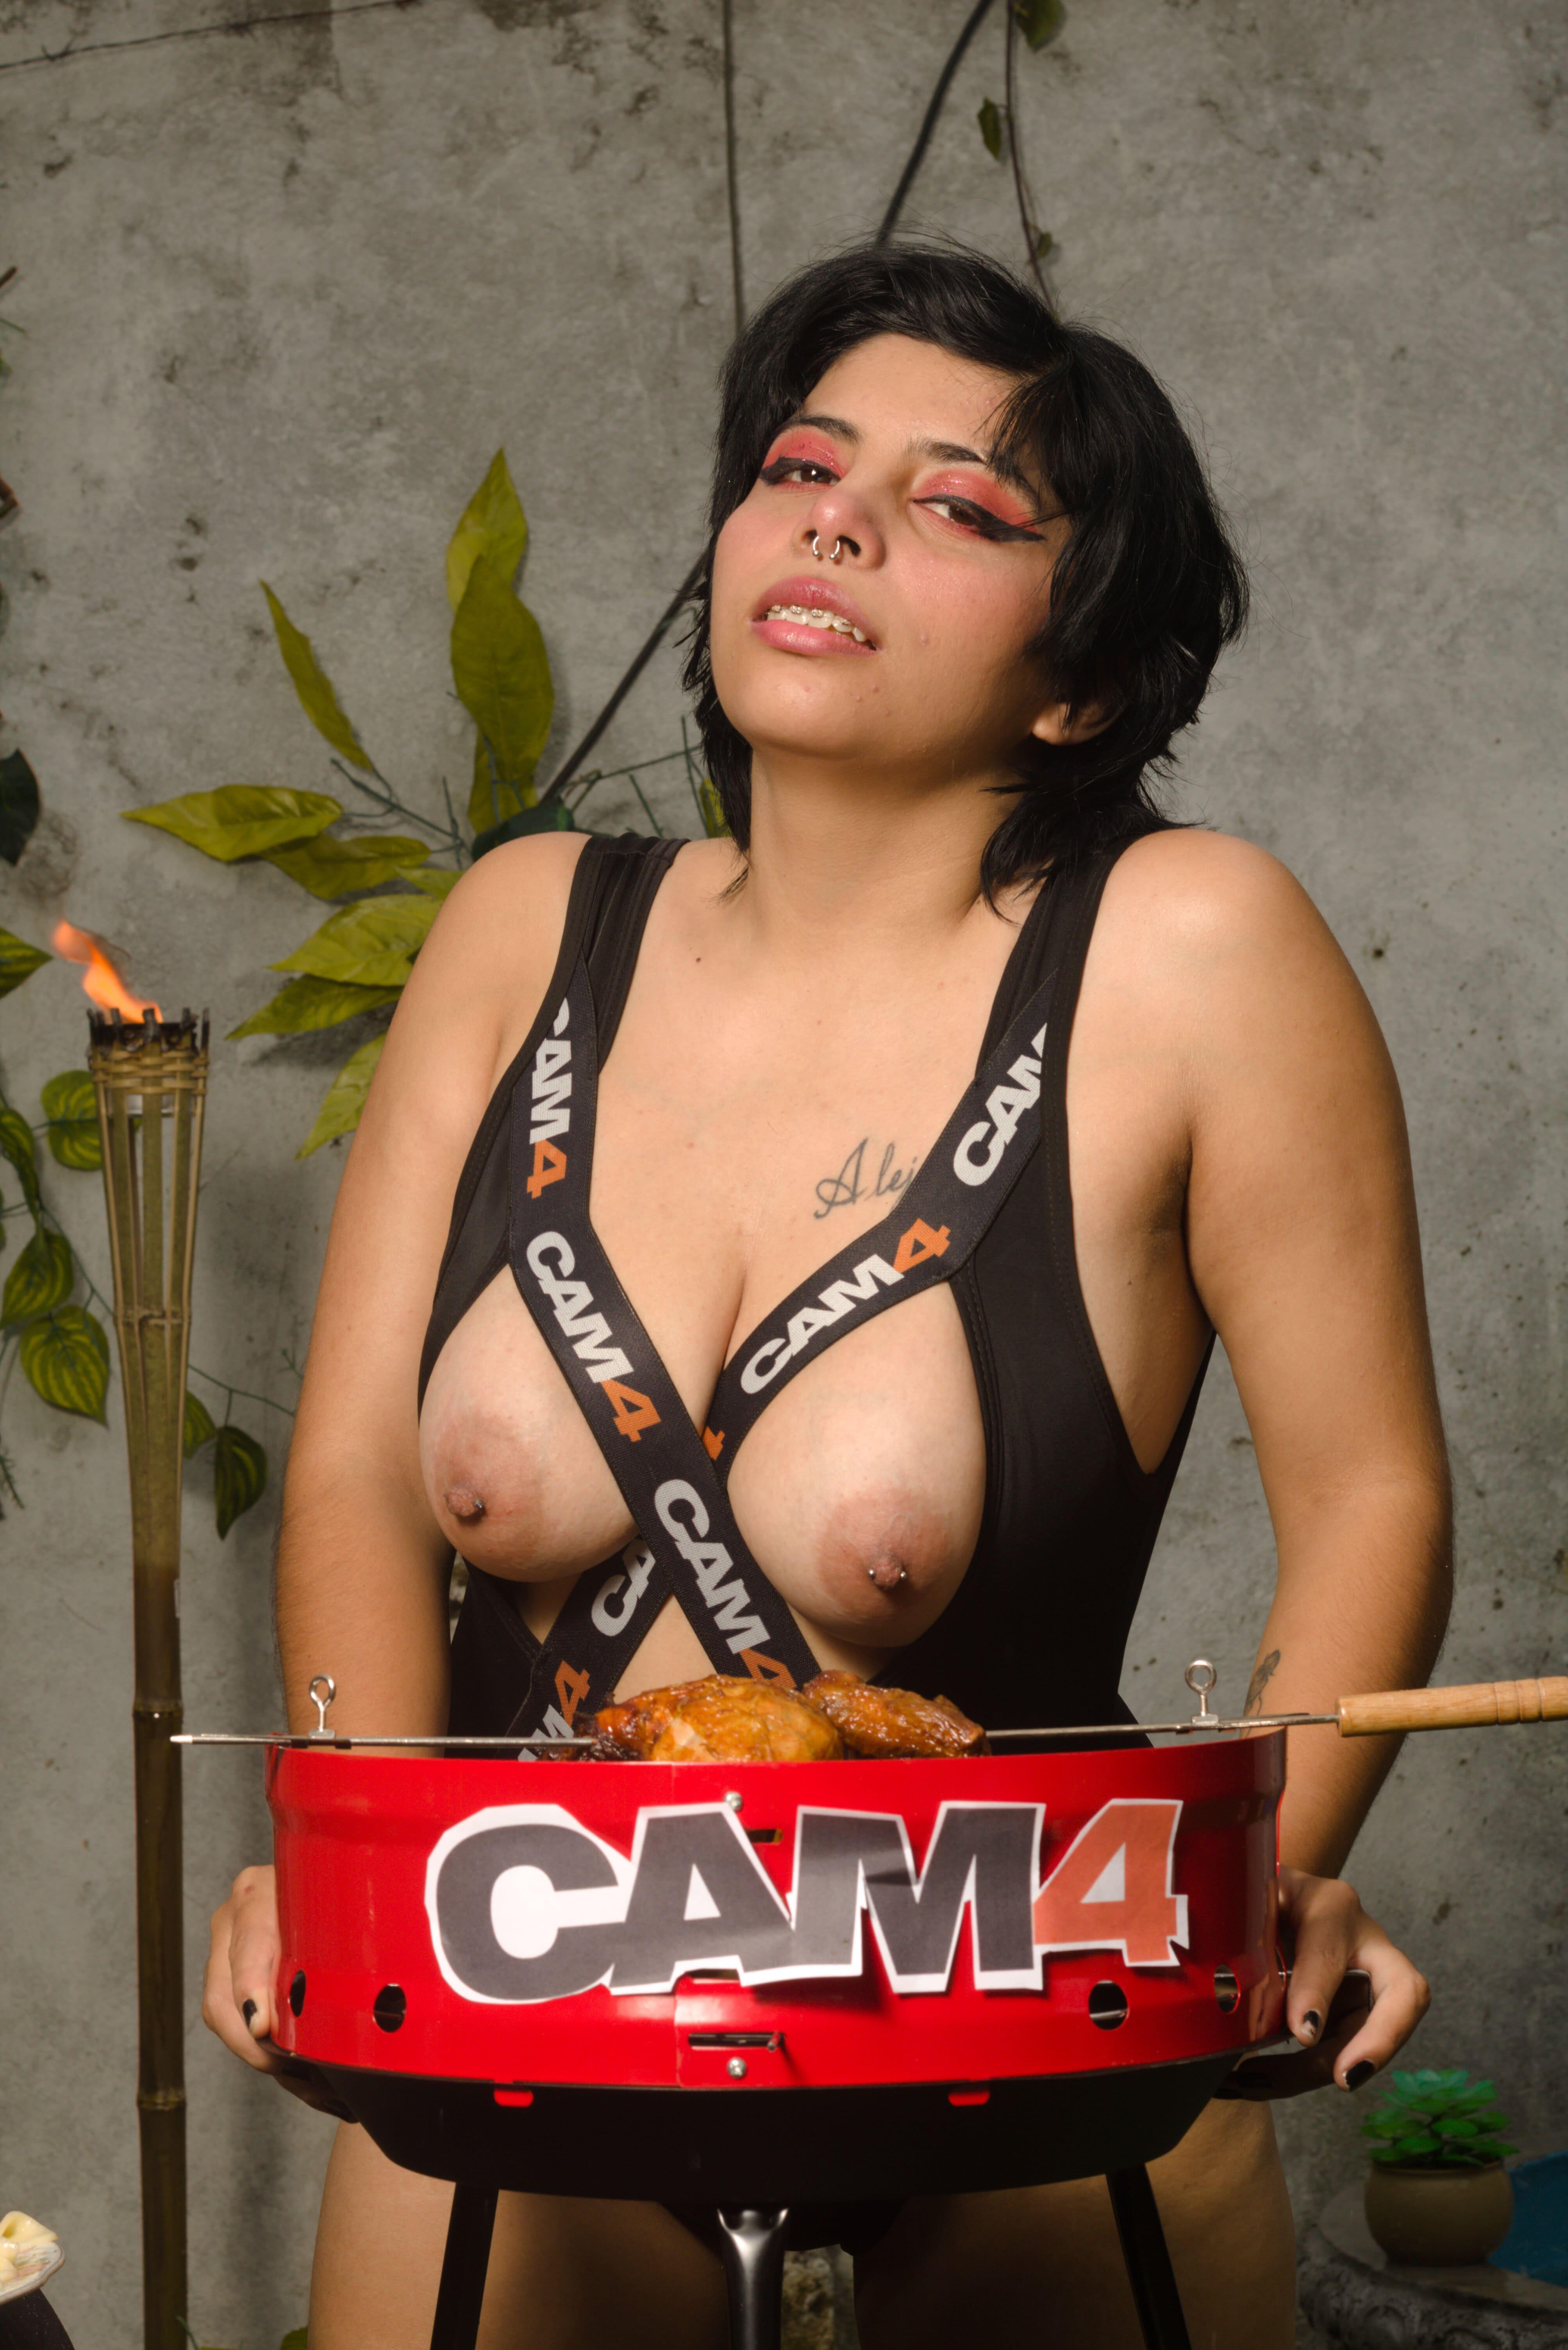 Emmilysantos live cam on Cam4.com